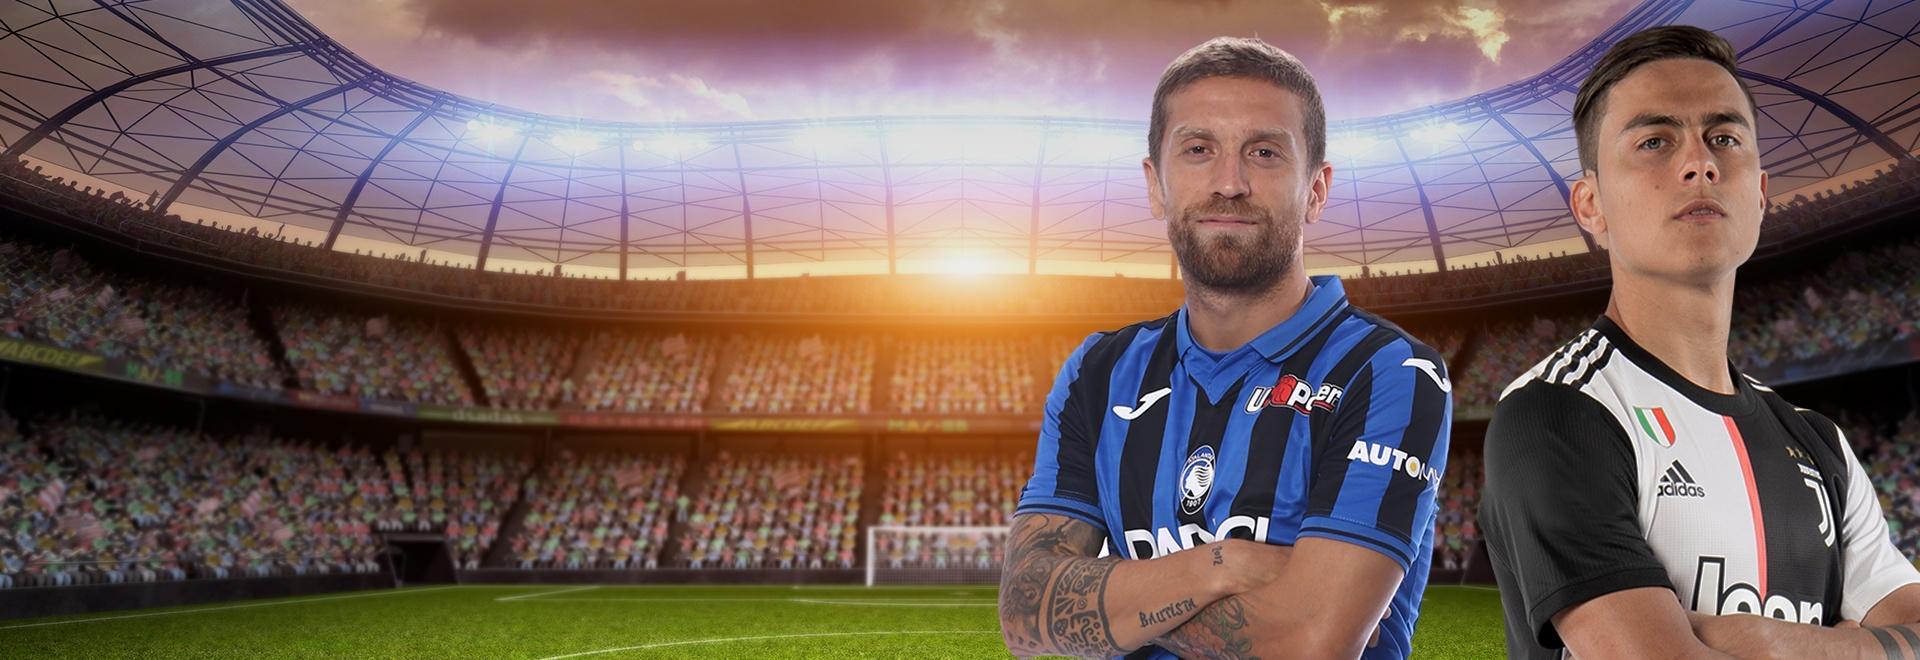 Atalanta - Juventus. 13a g.